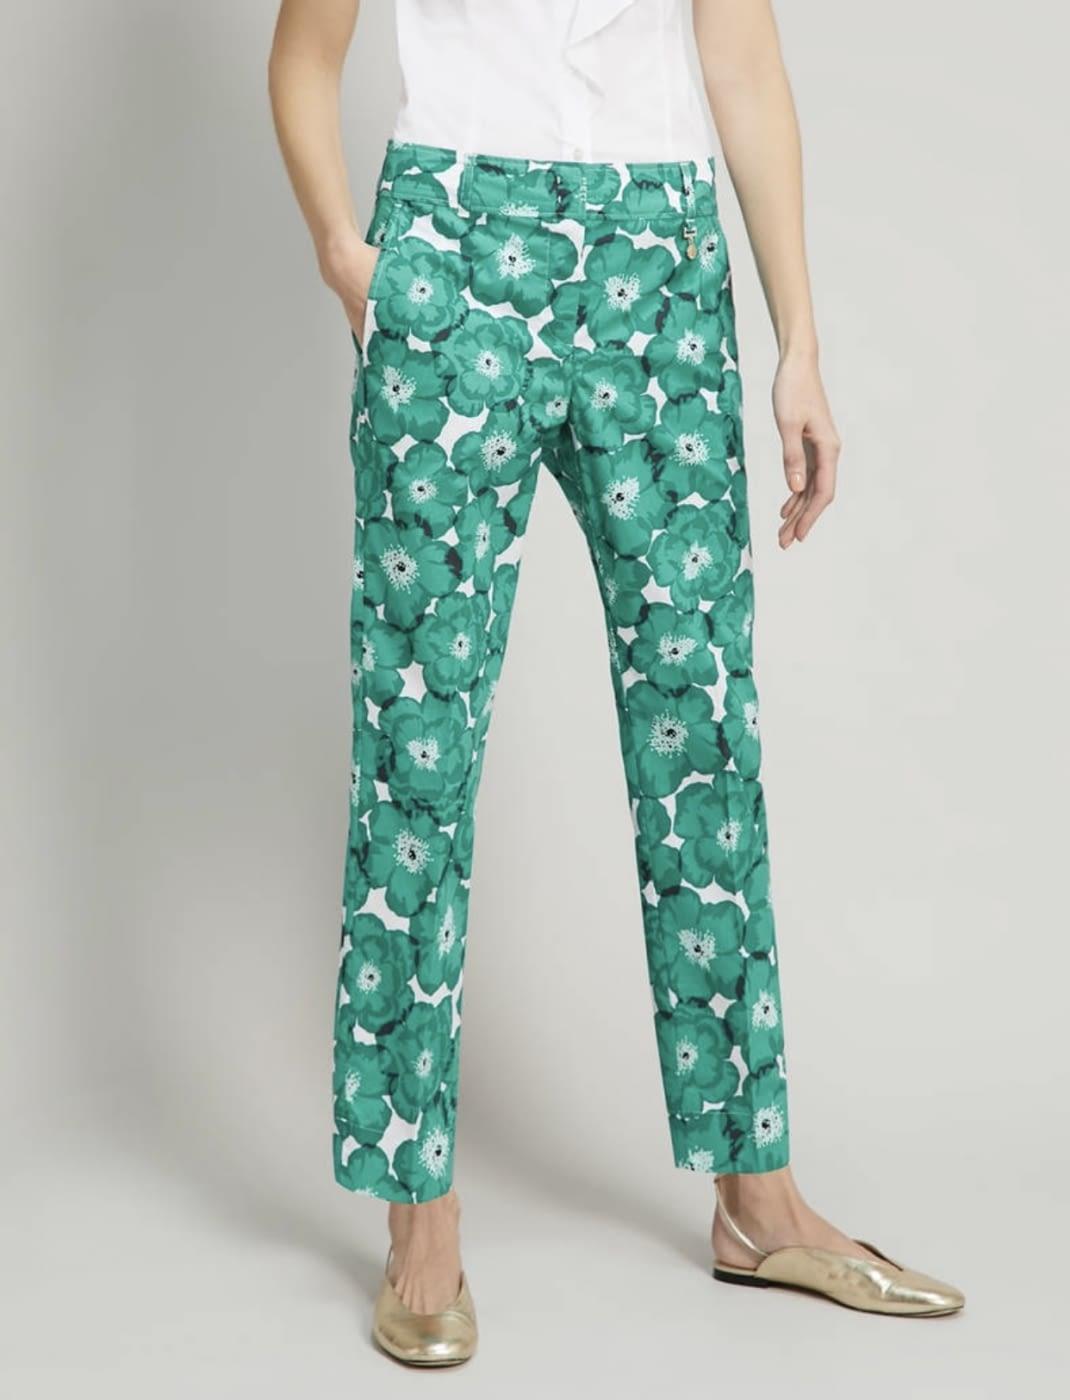 PENNYBLACK pantalón estampado verde